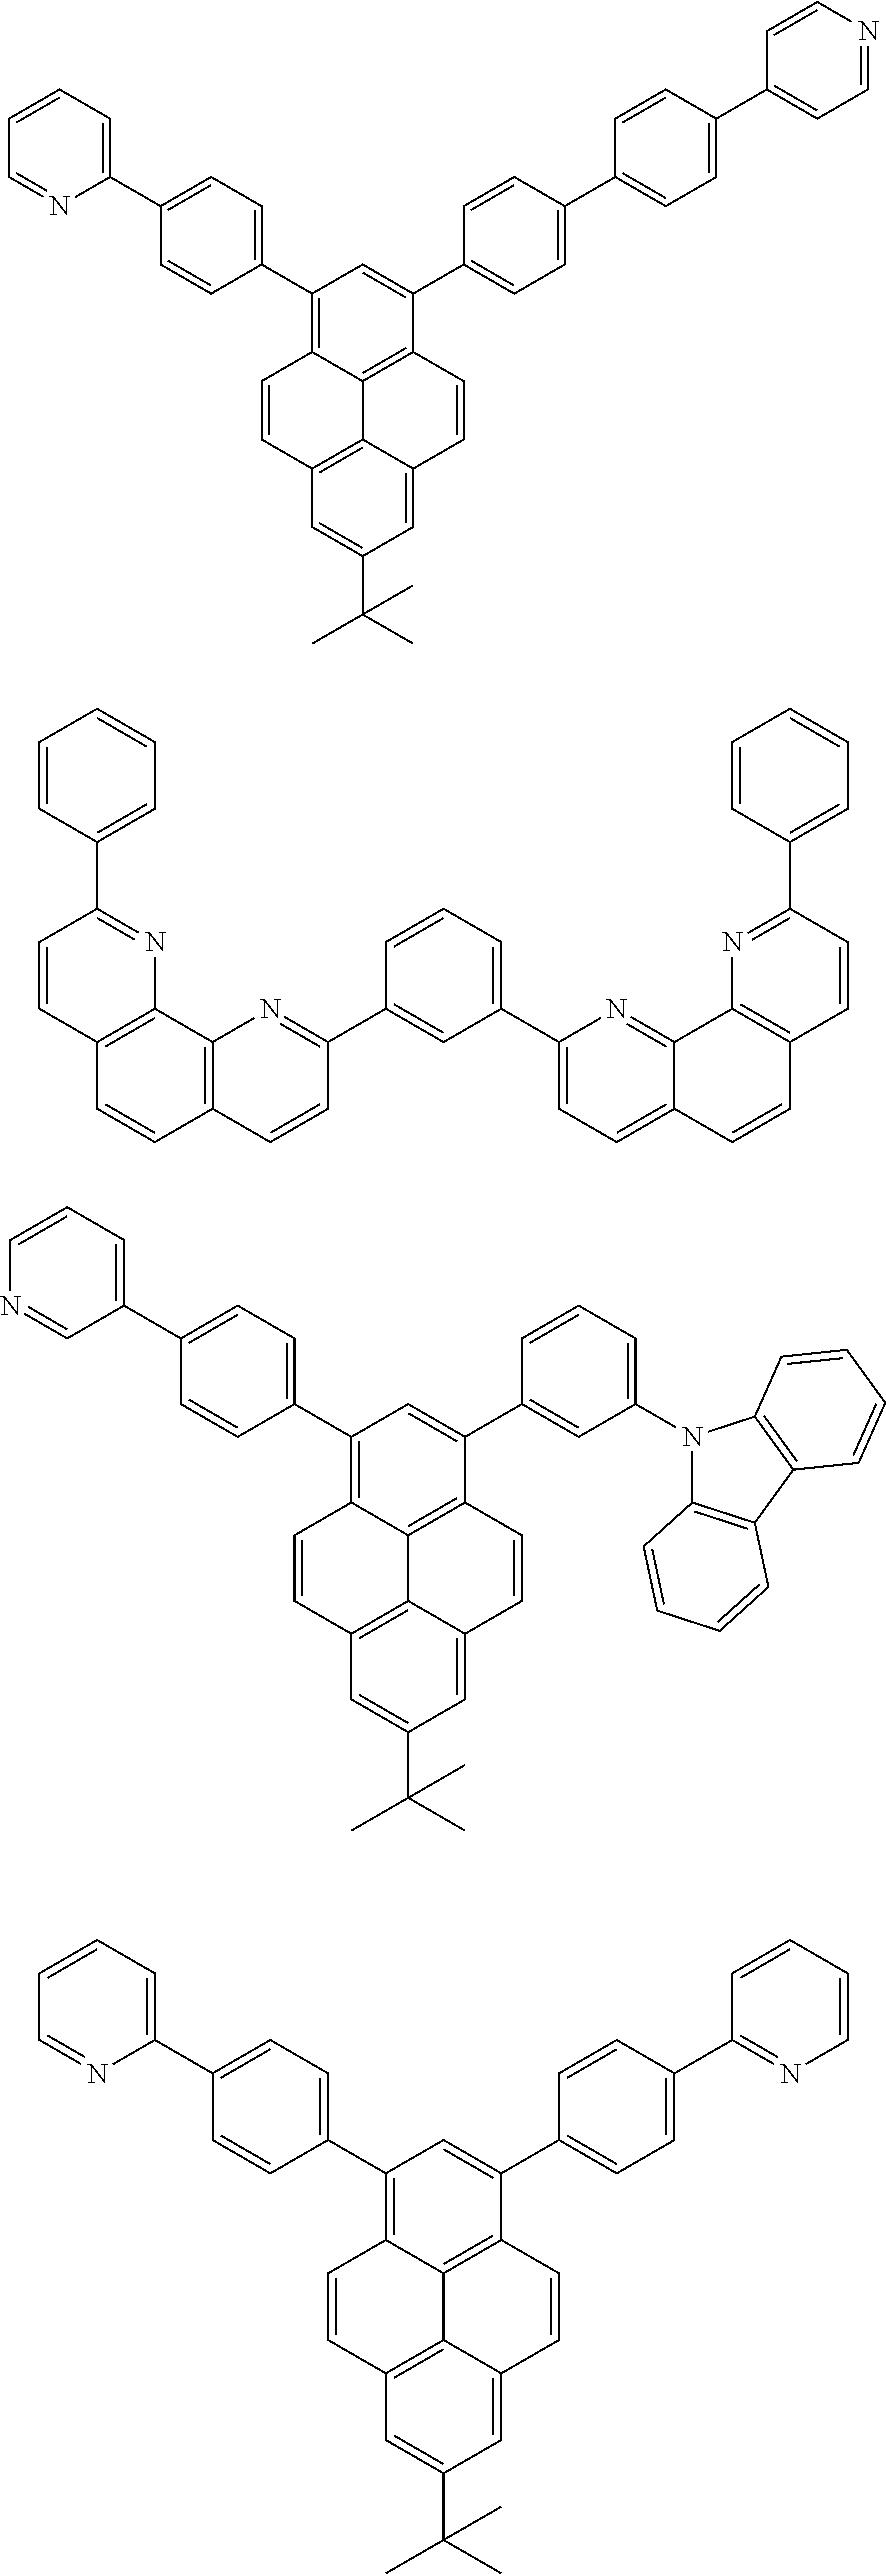 Figure US20150280139A1-20151001-C00129